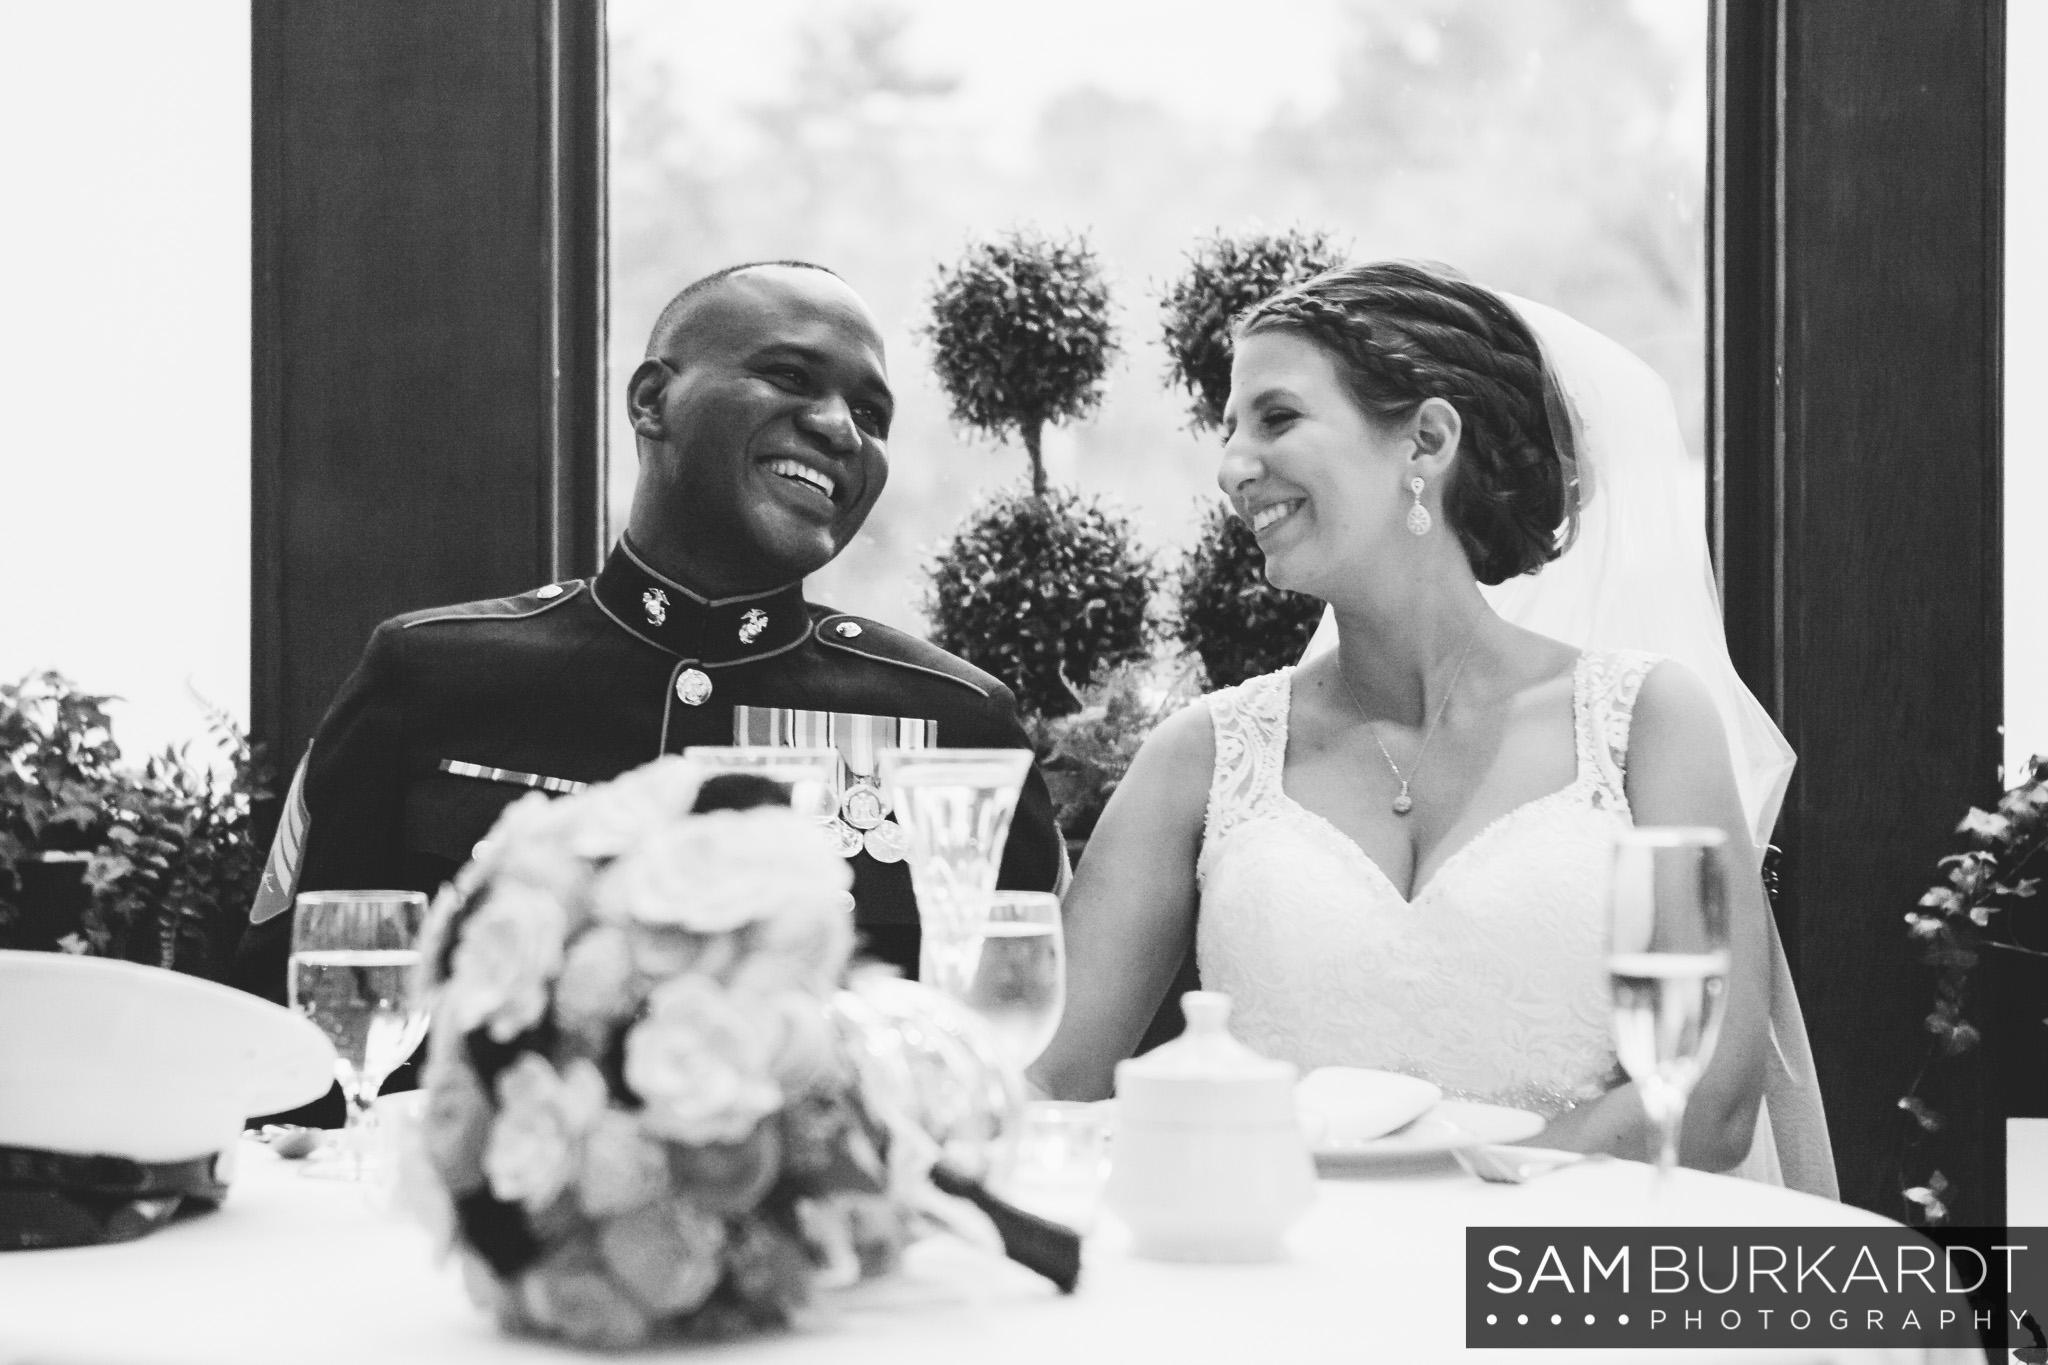 samburkardt_pond_house_hartford_wedding_fall_0060.jpg